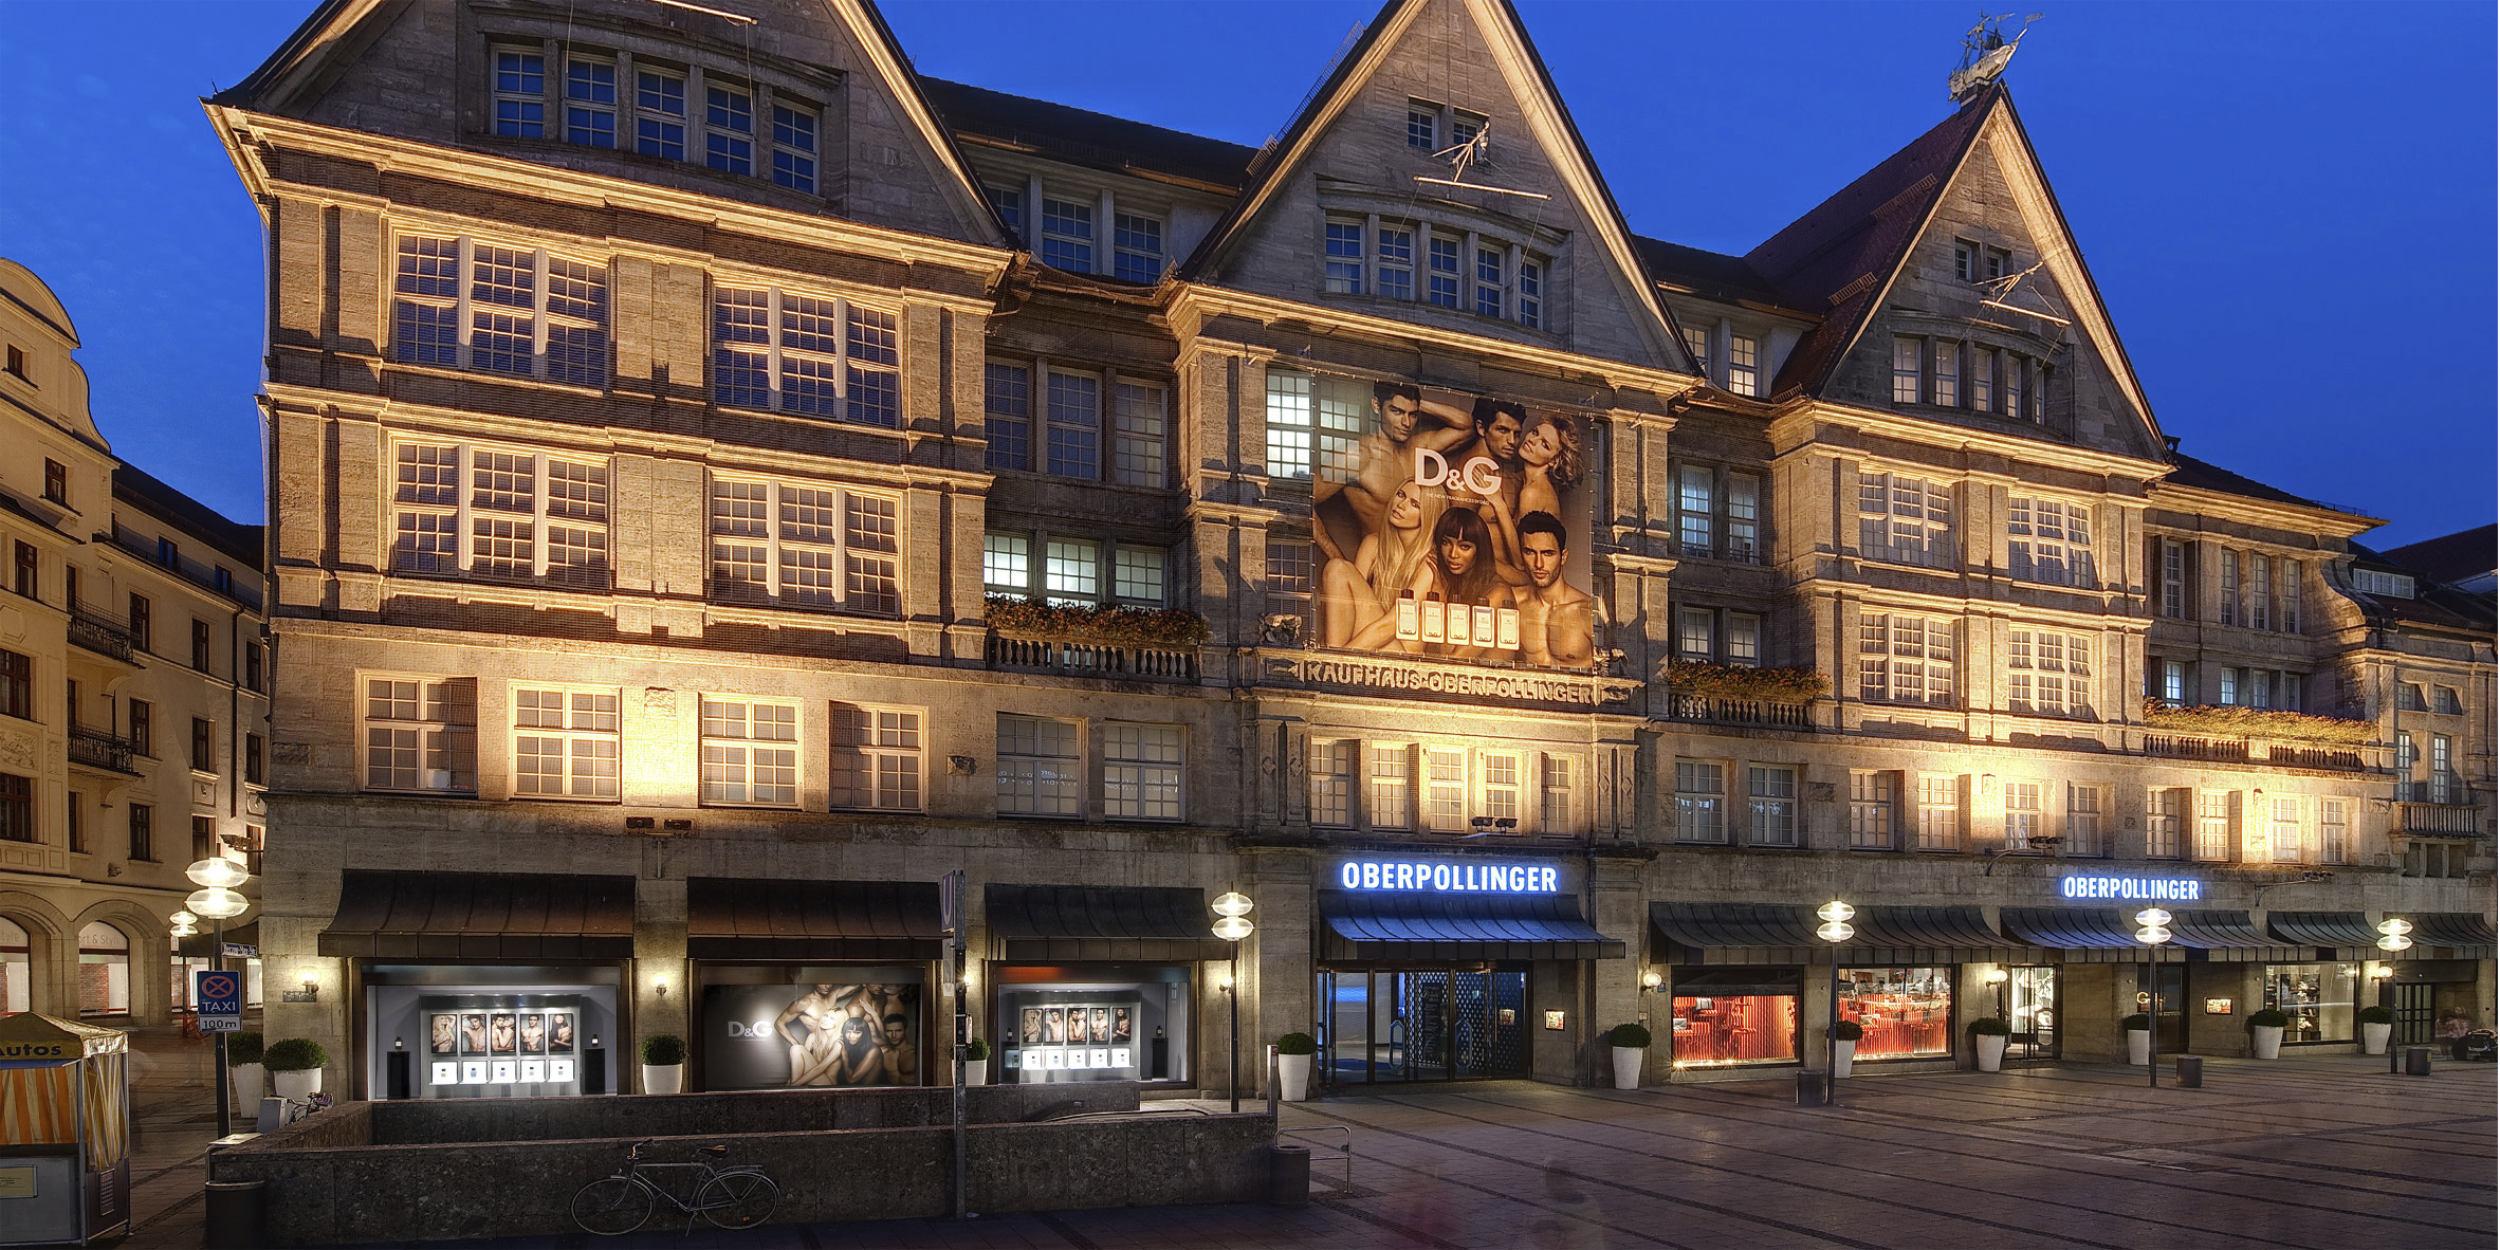 Architekturfotografie Stuttgart und Umgebung Dolce und Gabbana Oberpollinger München Aussenarchitektur Innenarchitektur Dämmerung richtige Zeit richtiger Ort